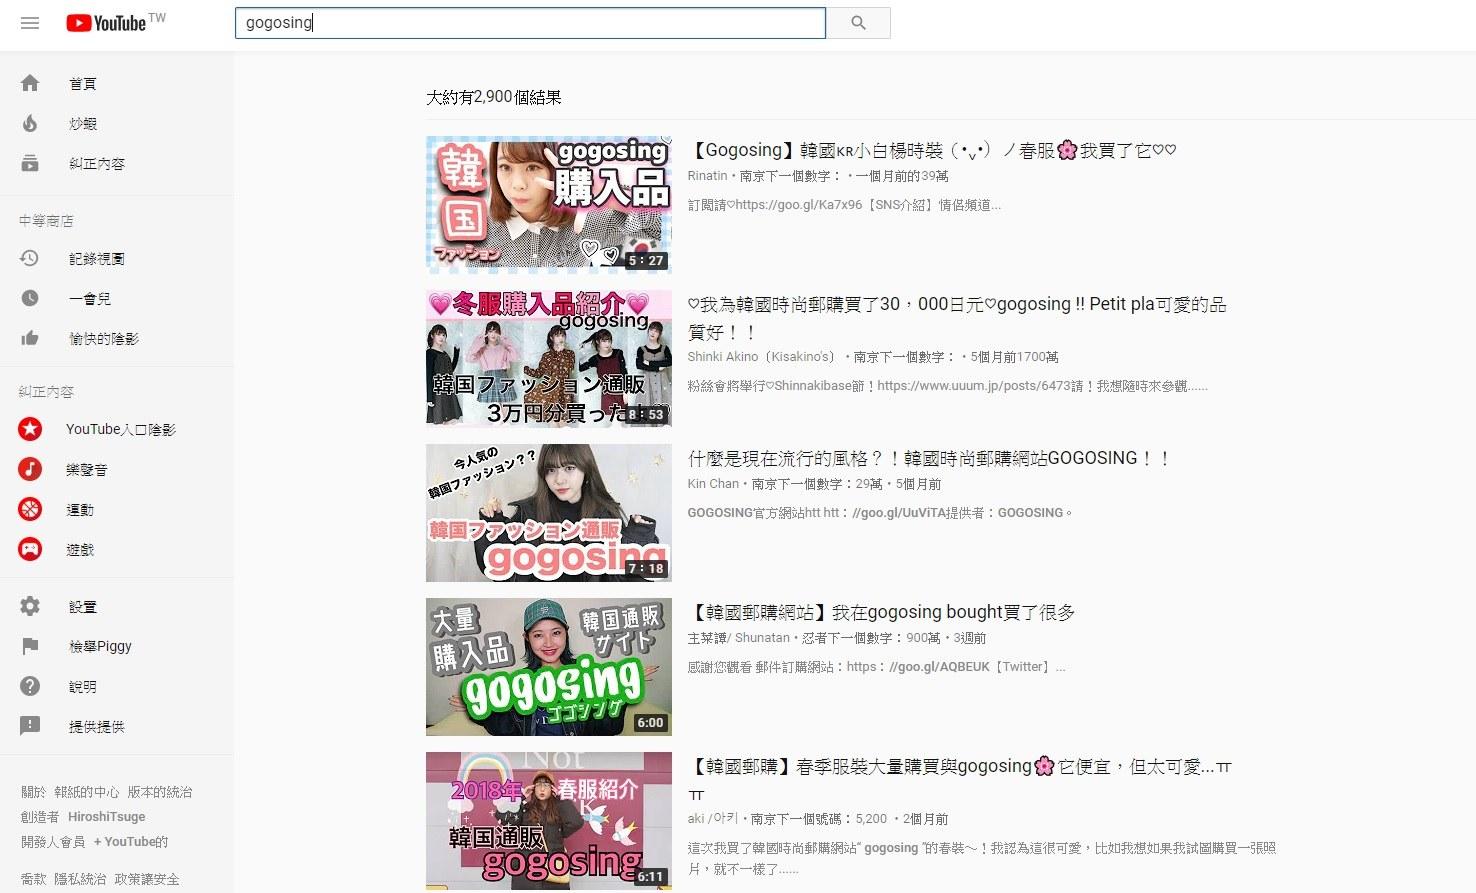 不只IG上有很多分享,就連很多日妹都在youtube上分享自己的購物心得,看下去評價真的都很不錯呢!(不會日文的摩登少女只好用翻譯,請諒解裡面怪怪的翻譯XDDD)而且光是gogosing的影片就高達2900個!可想而知早已紅到全球啦~